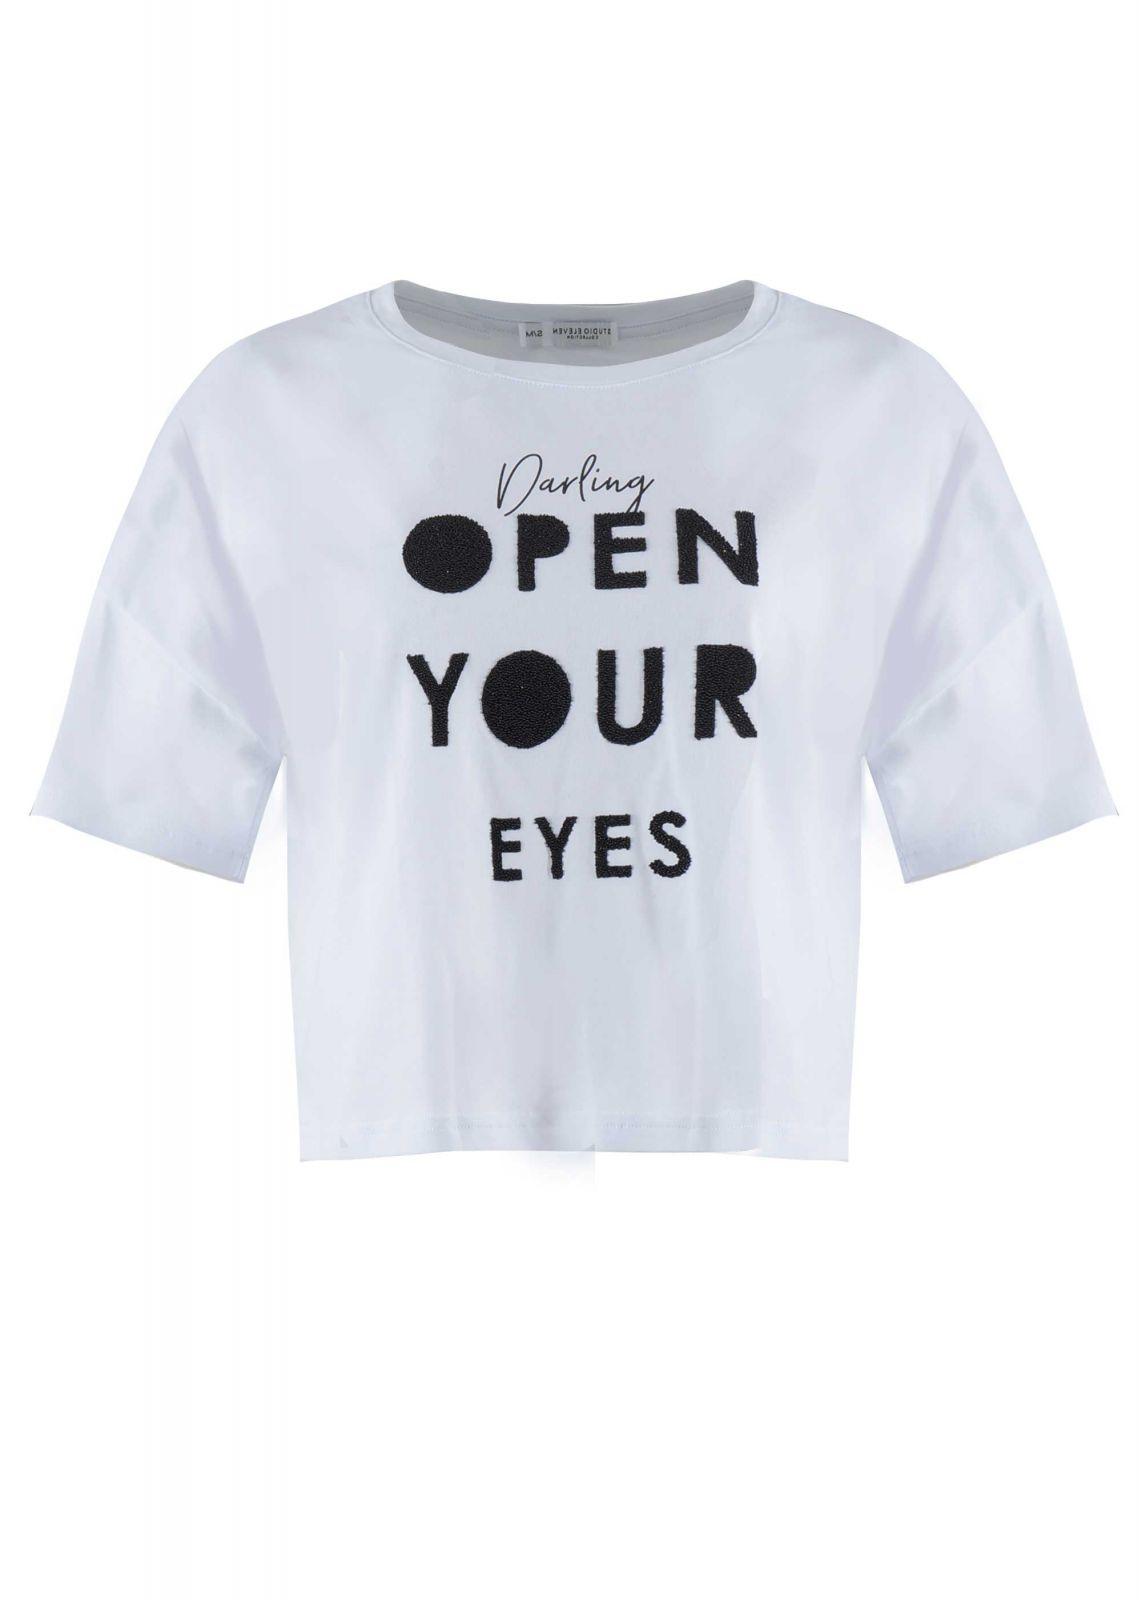 Γυναικείο tshirt crop-top στάμπα open. Casual Style ΛΕΥΚΟ